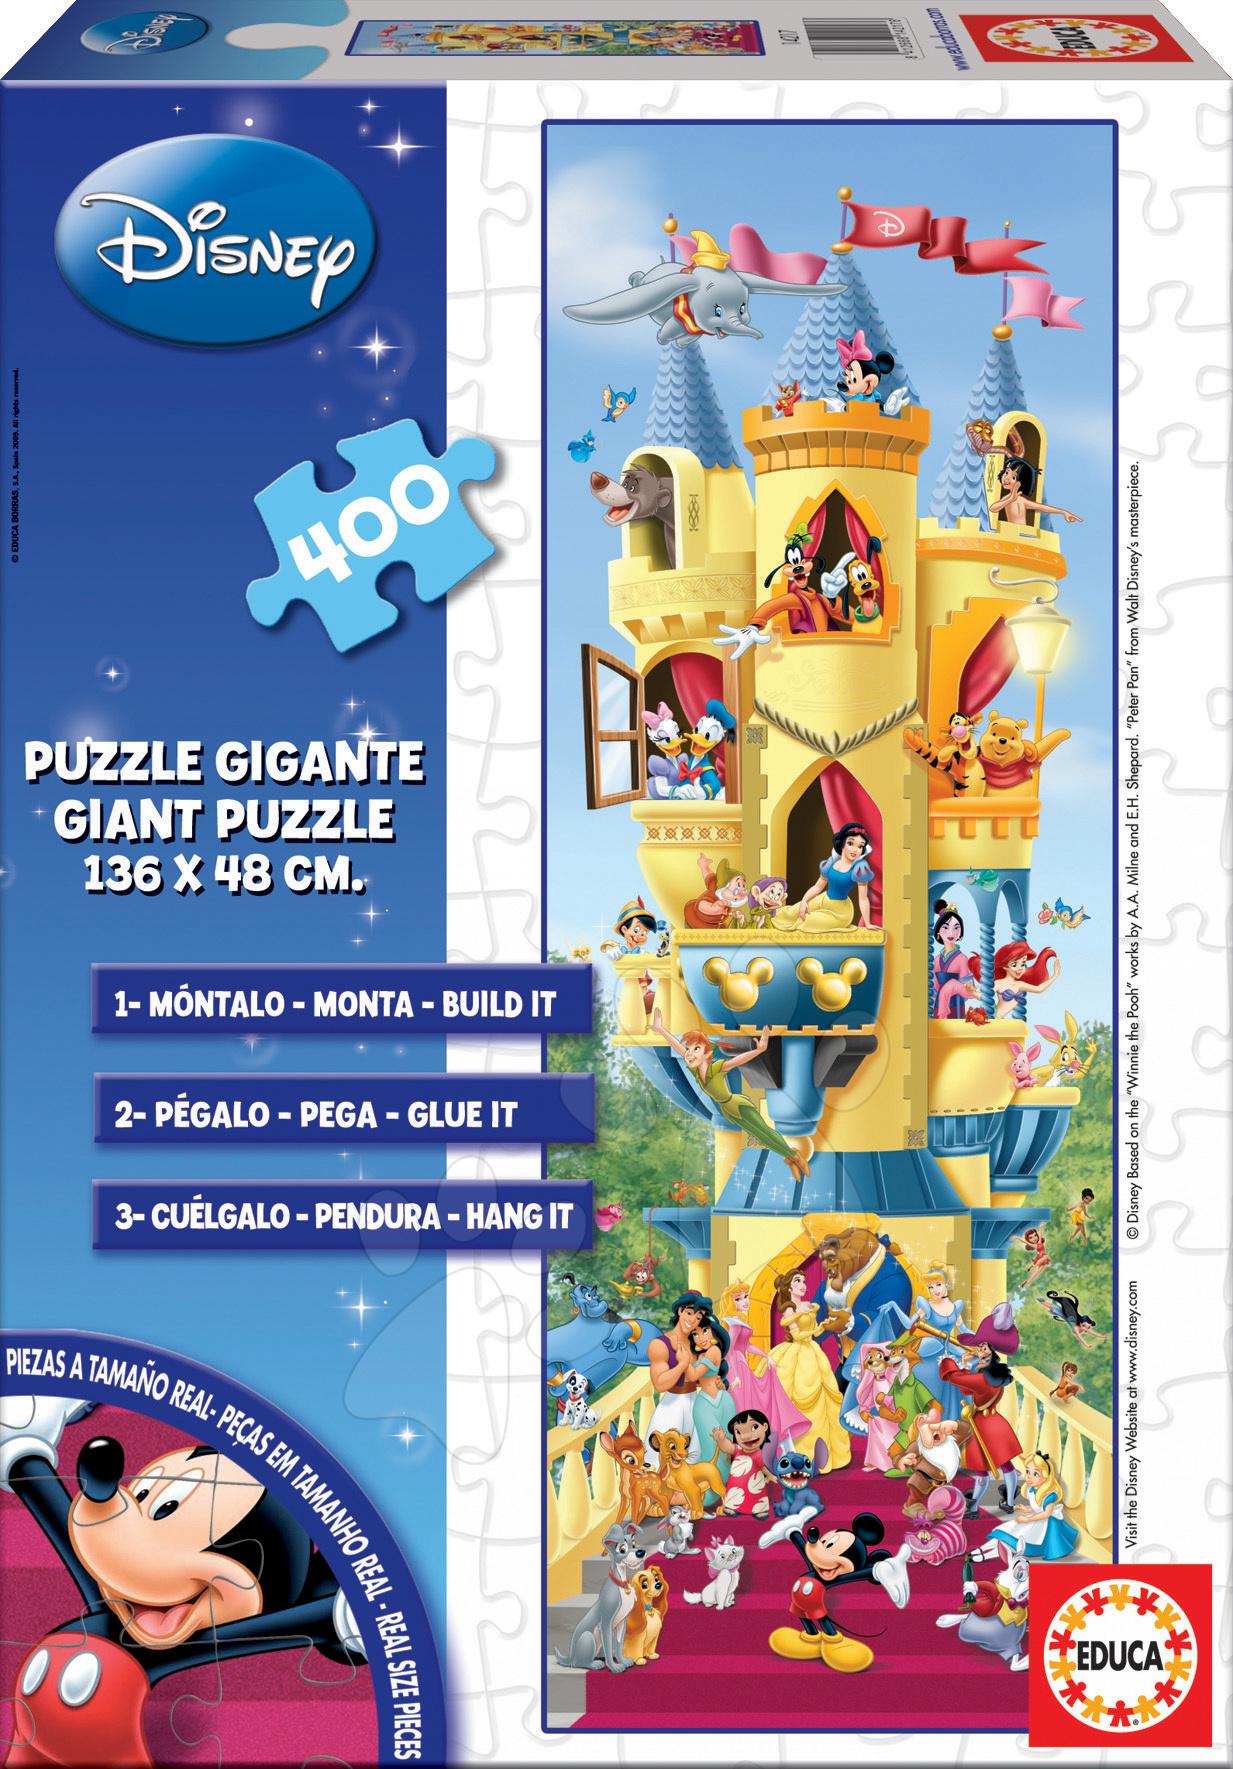 Dětské skládací koberce - Puzzle Giant Disney Koláž Educa 400 dílů od 8 let